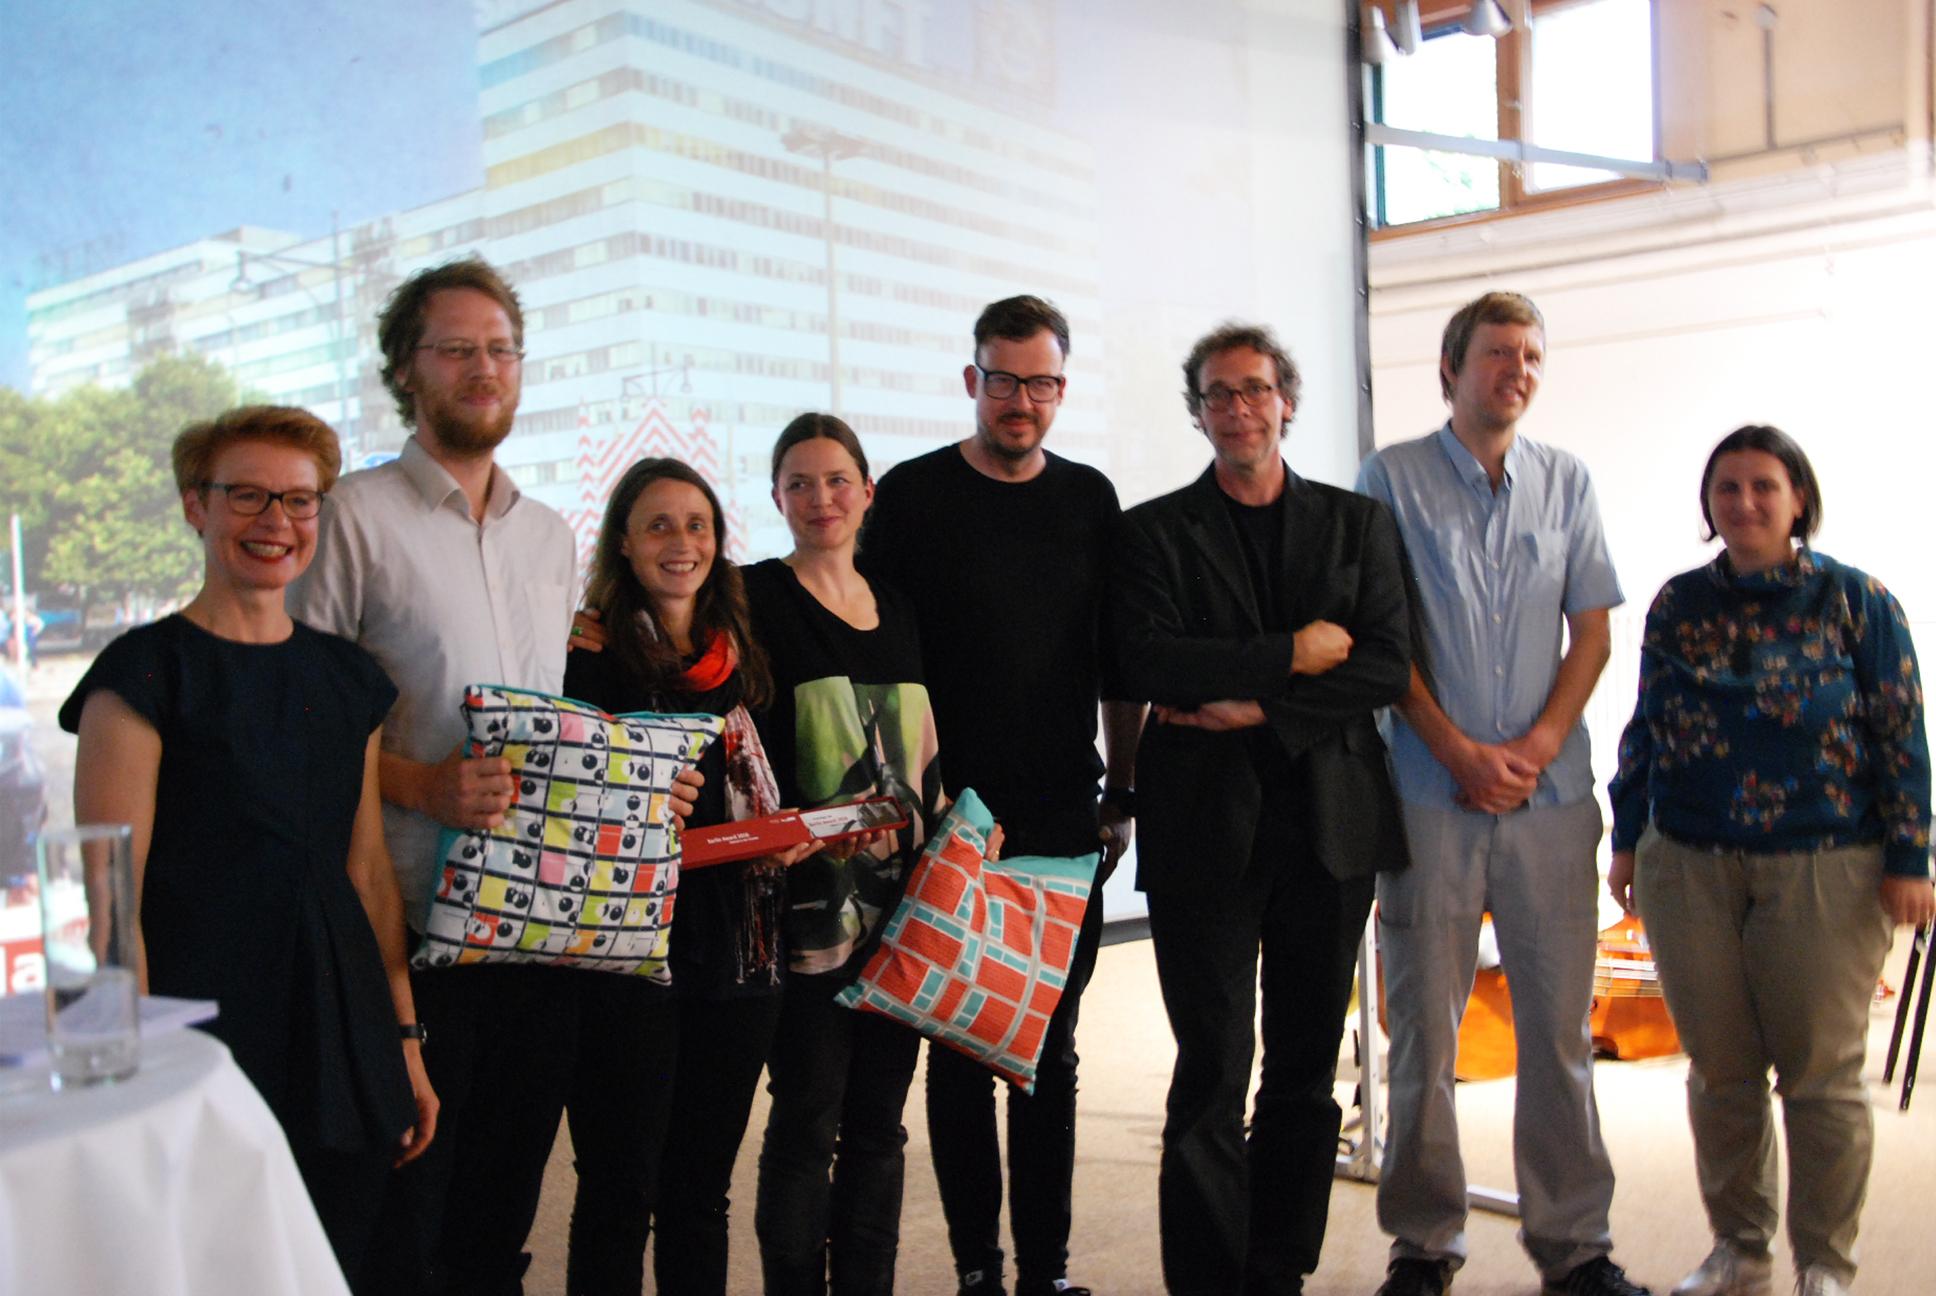 Haus_der_Statistik__Gewinner_BerlinAward.jpg